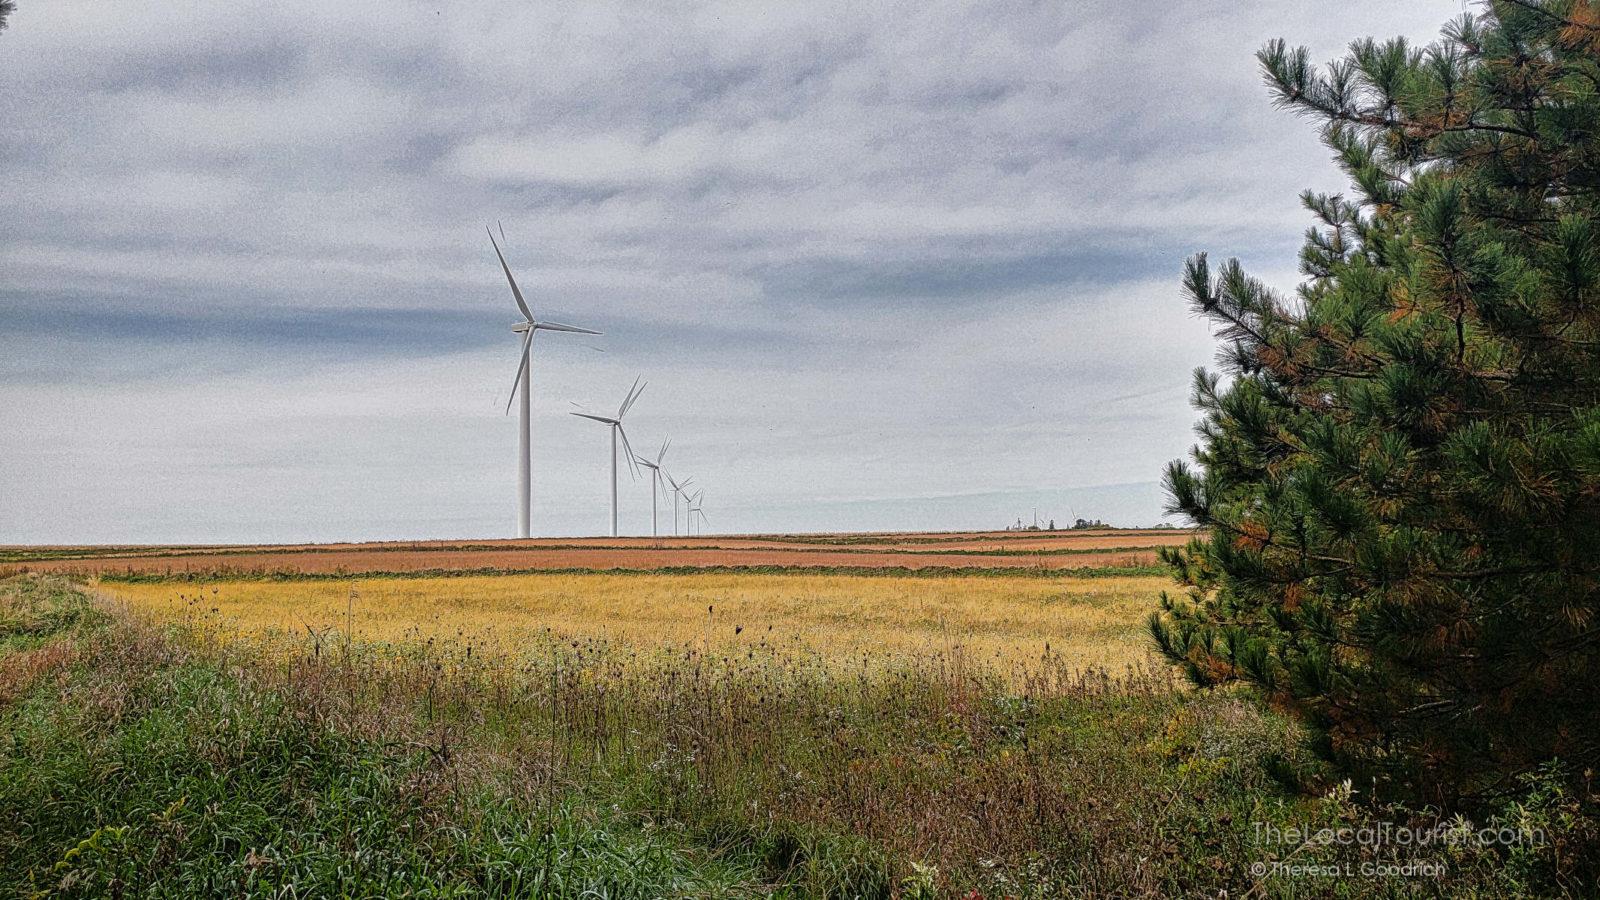 Windmills in Iowa on Bill Fluhrer's farm